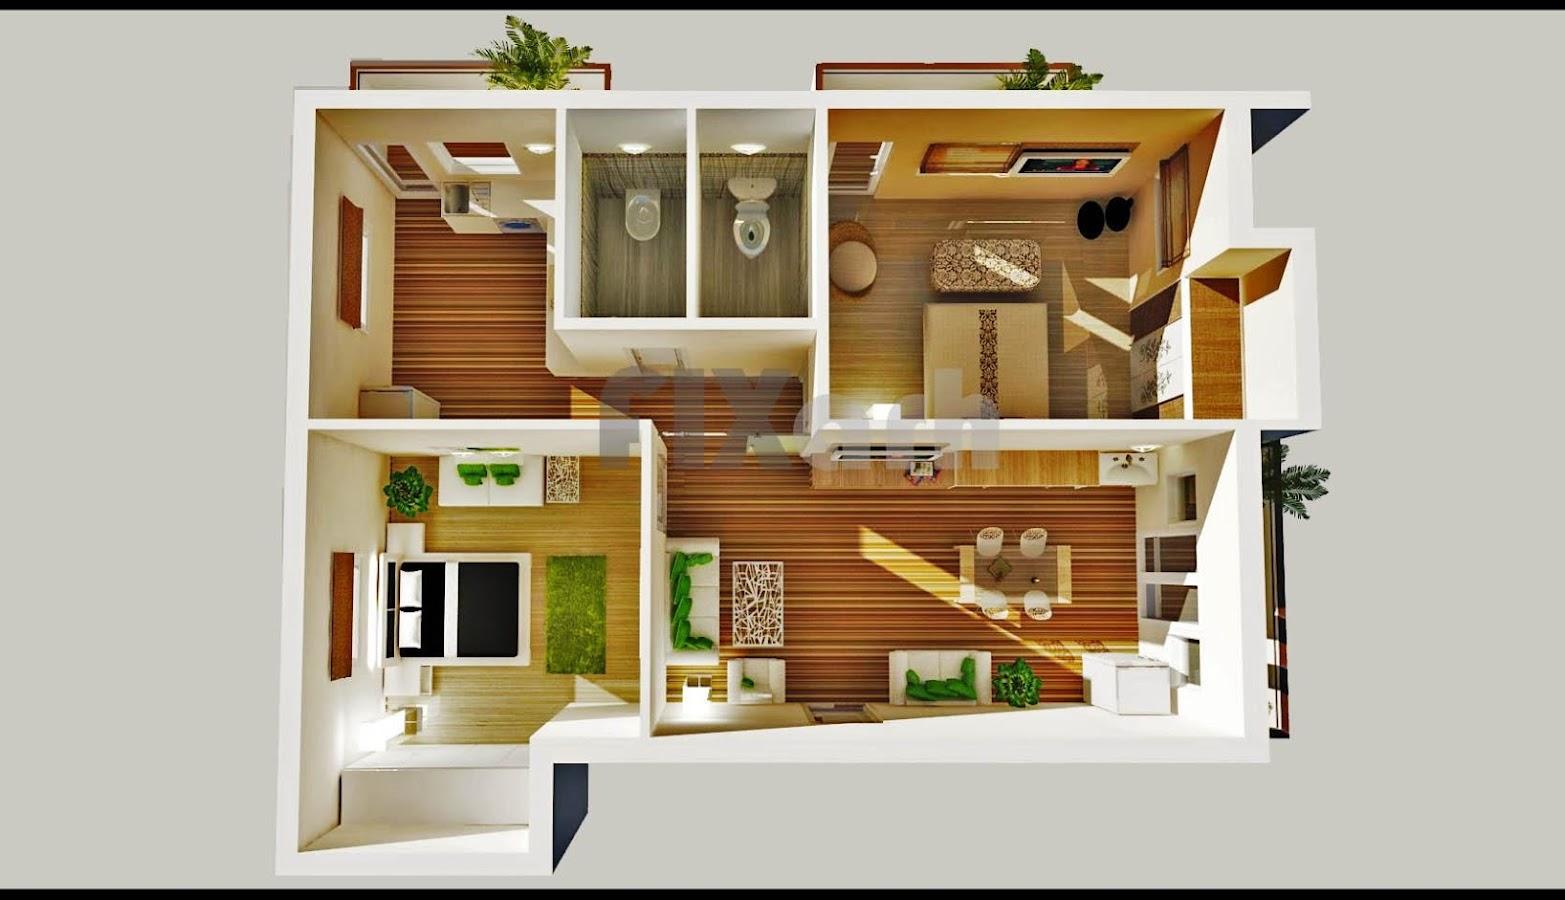 awesome home 3d design gallery amazing home design privit us online 3d house design maker 3d room maker games free 3d room